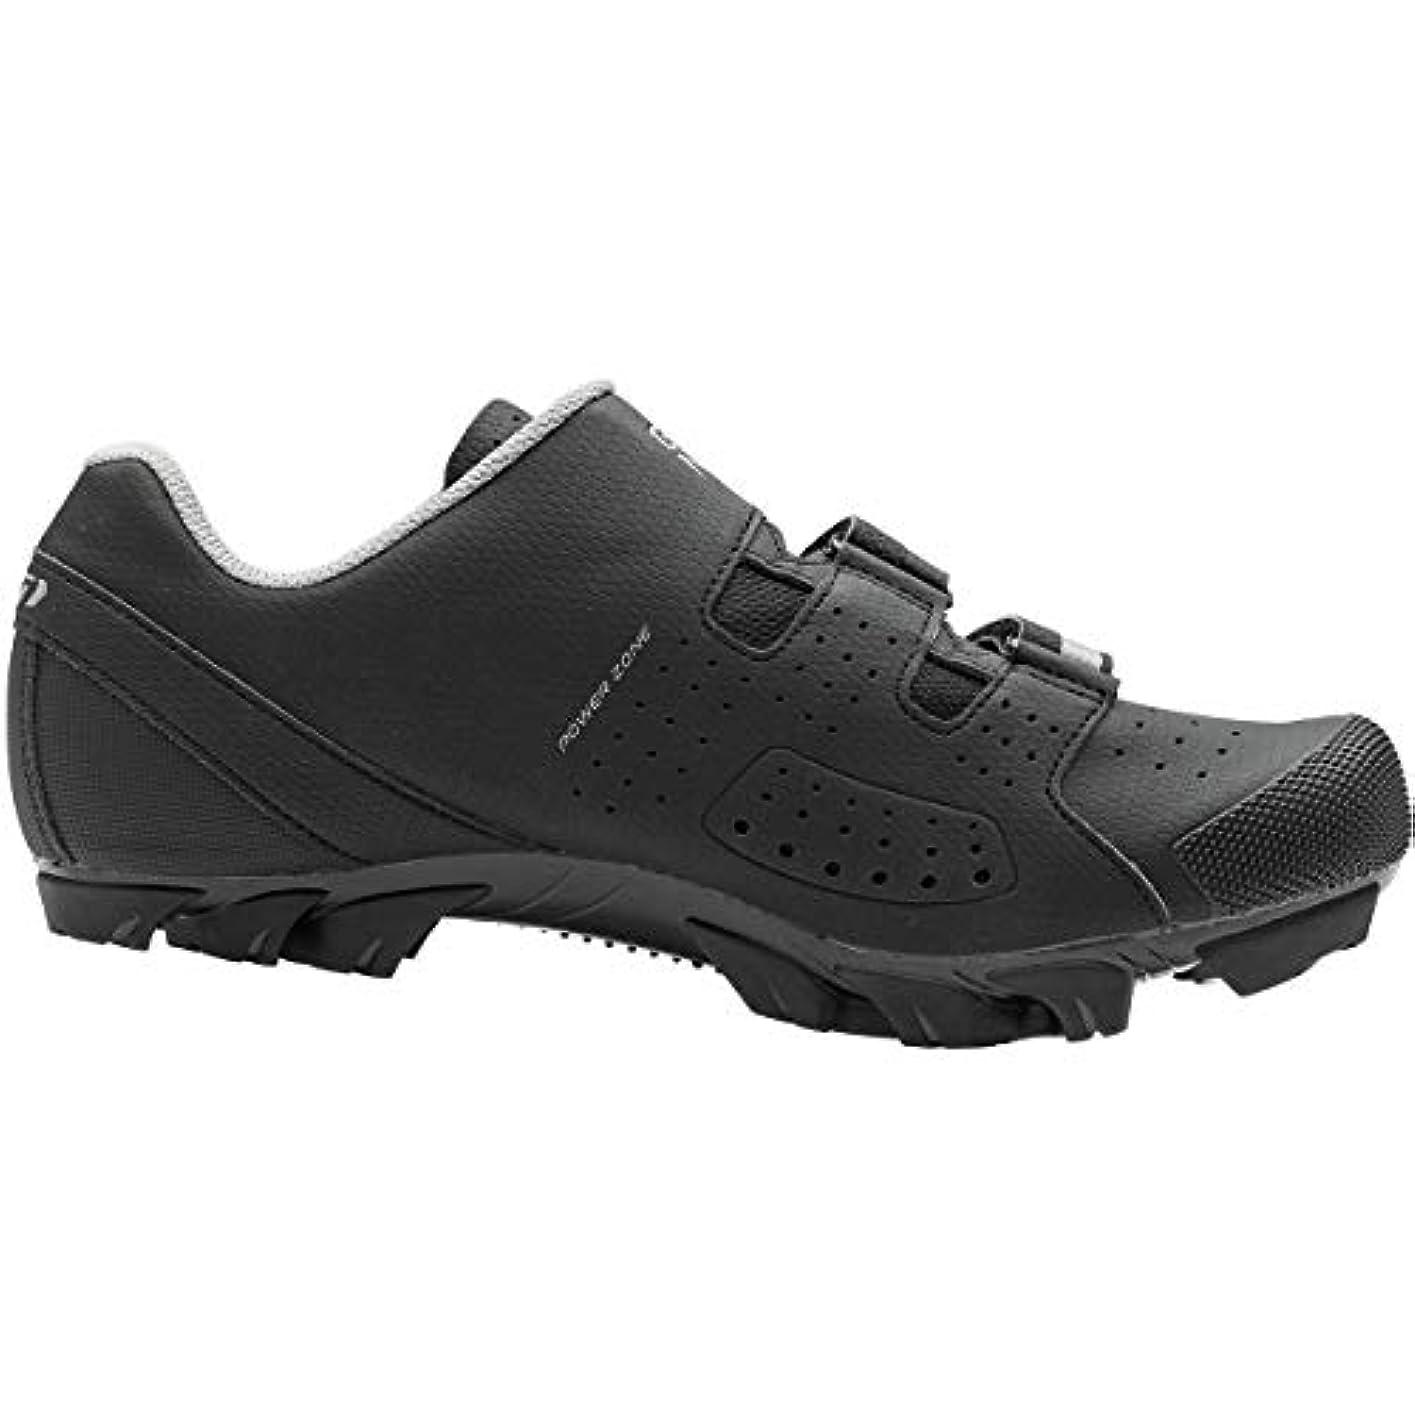 遵守するオーブンパーセント[イルスガーナー] メンズ サイクリング Slate II Cycling Shoe - Men's [並行輸入品]